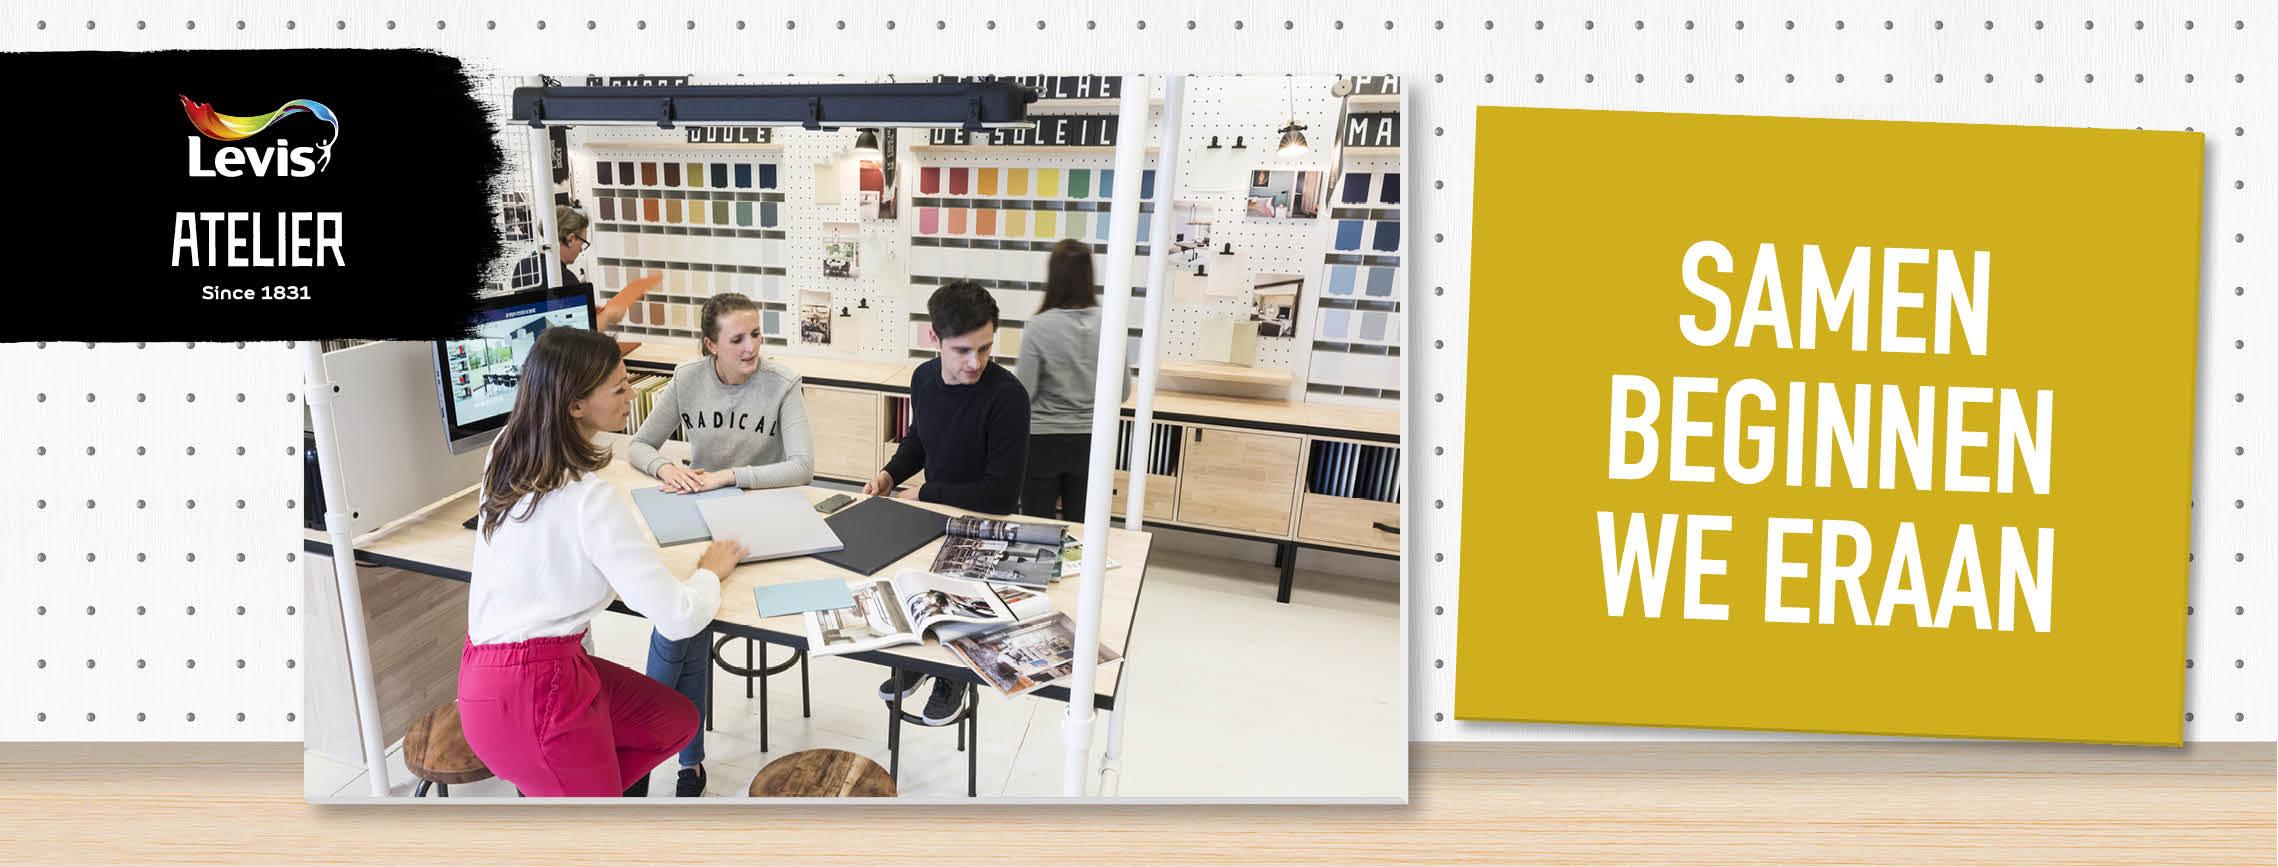 fb-posts_concept-levis-atelier2